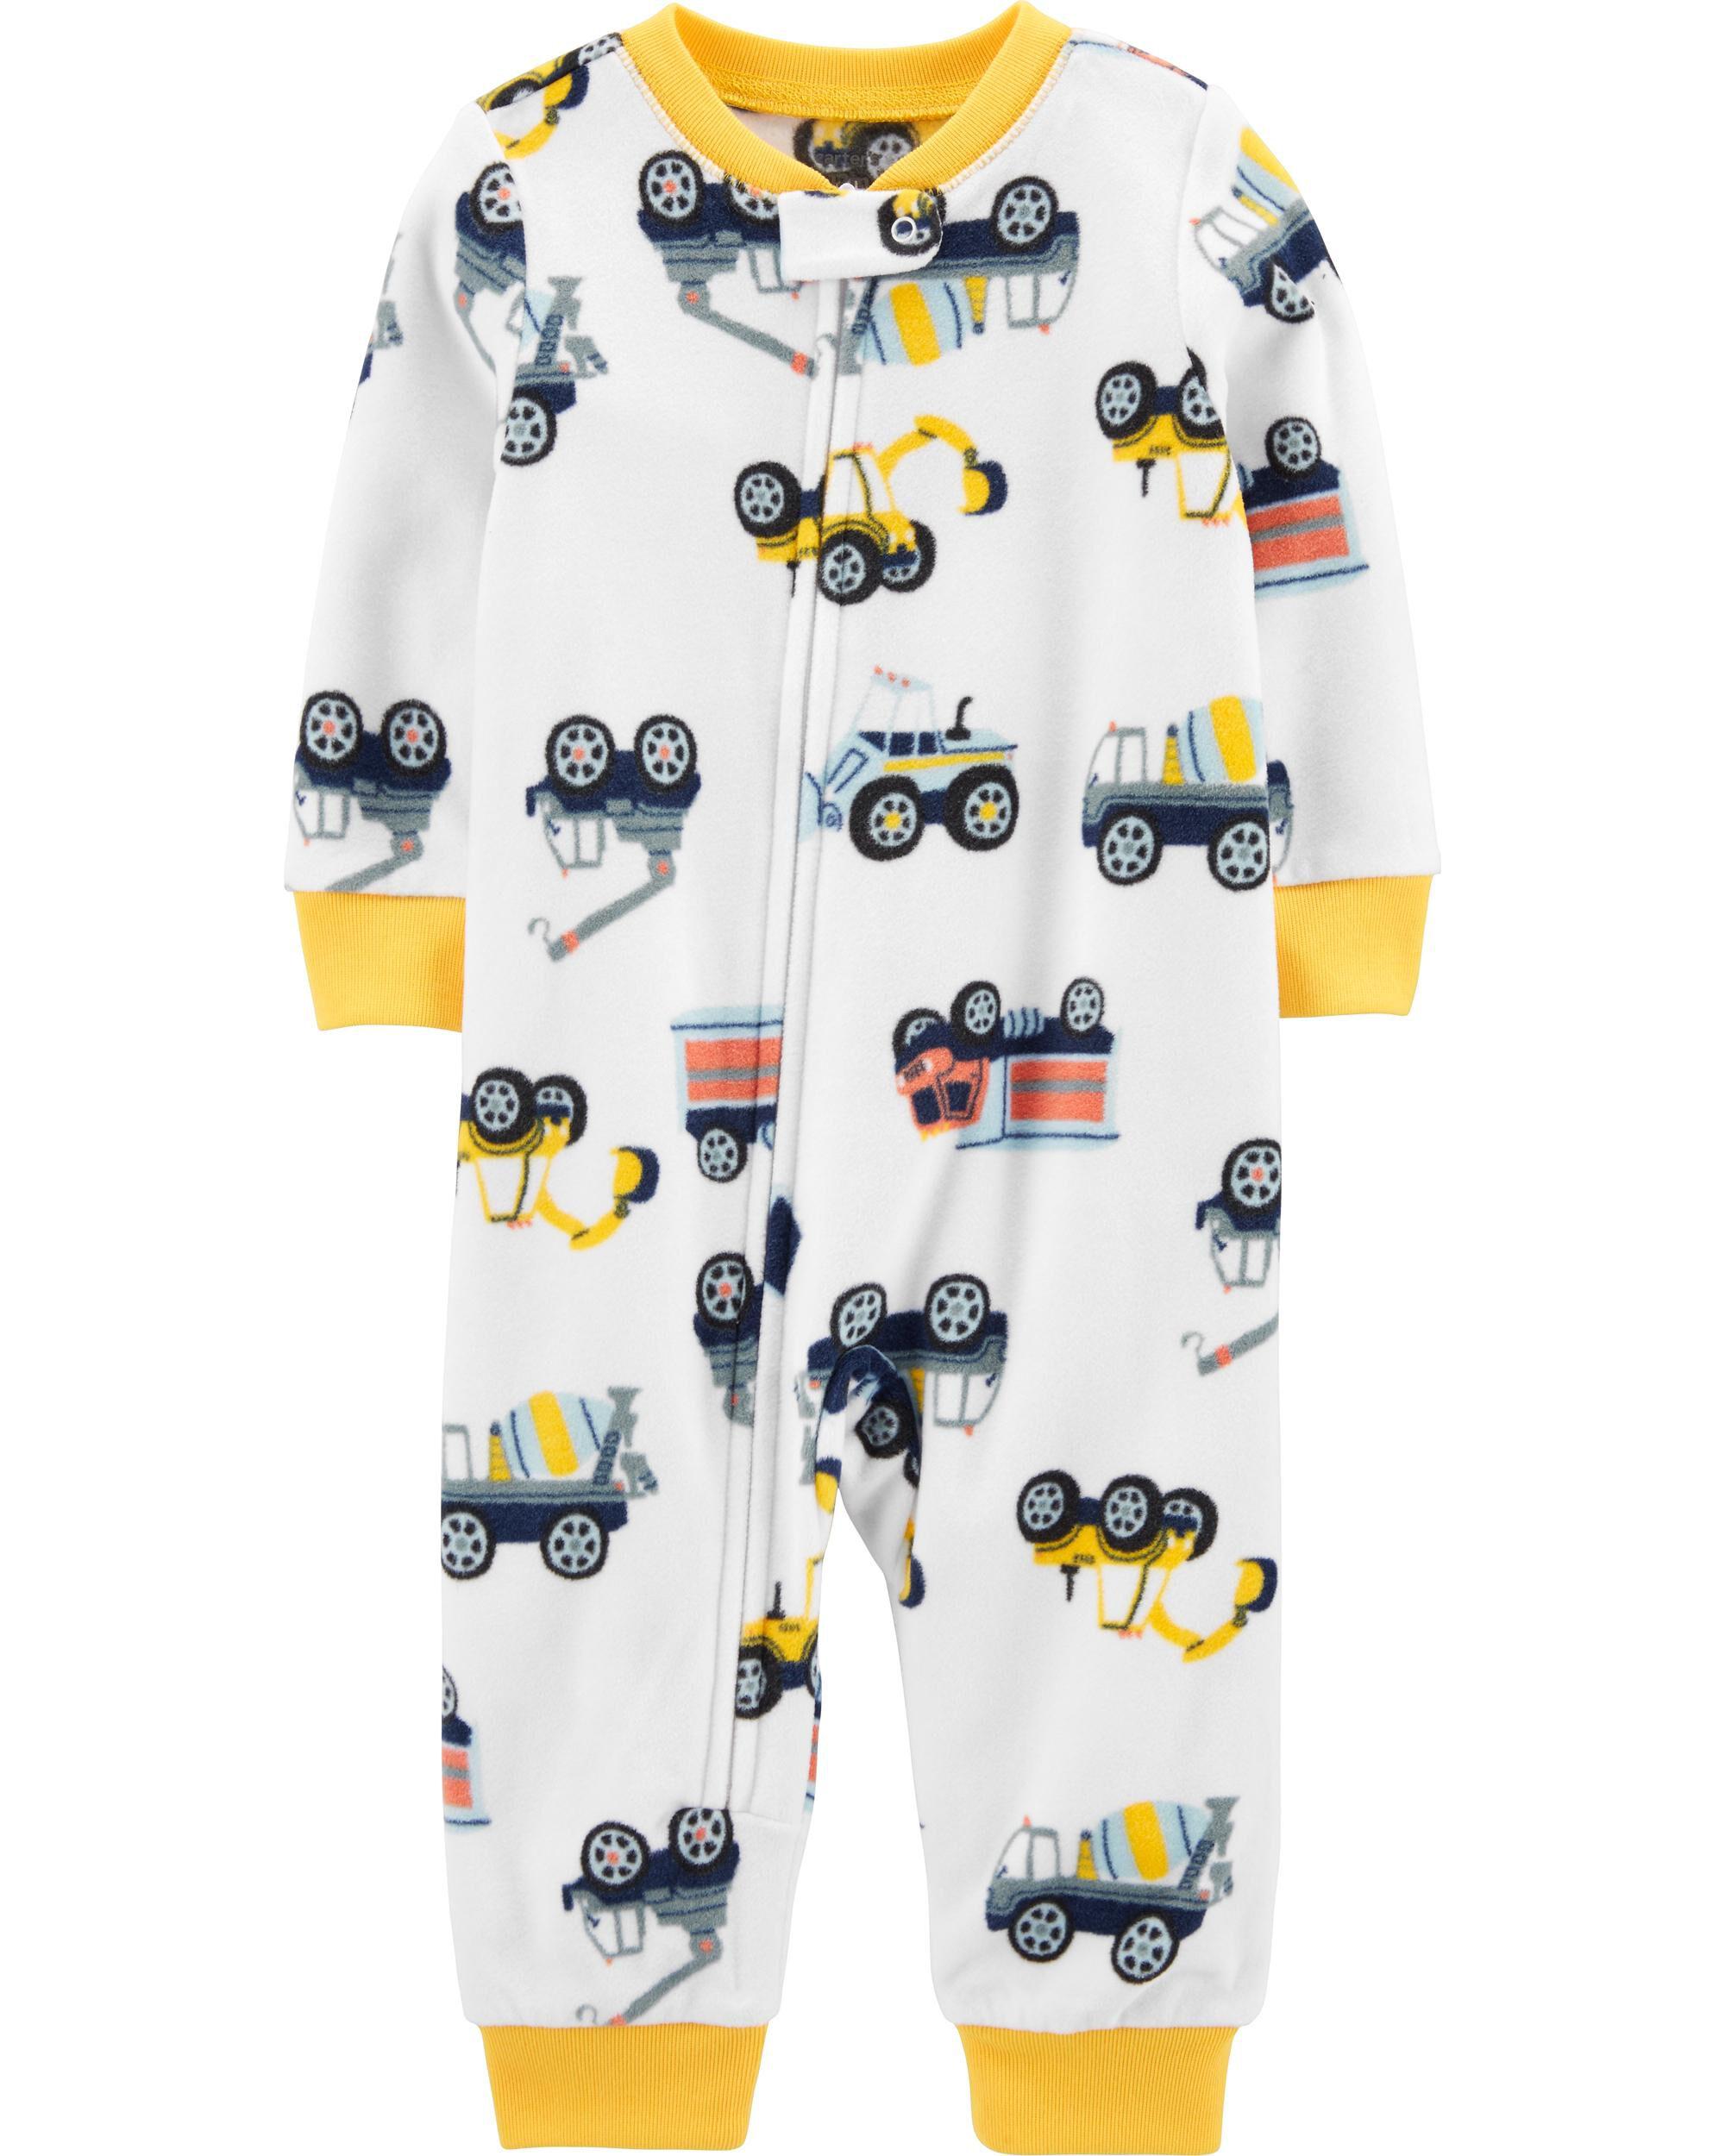 *DOORBUSTER* 1-Piece Construction Truck Fleece Footless PJs